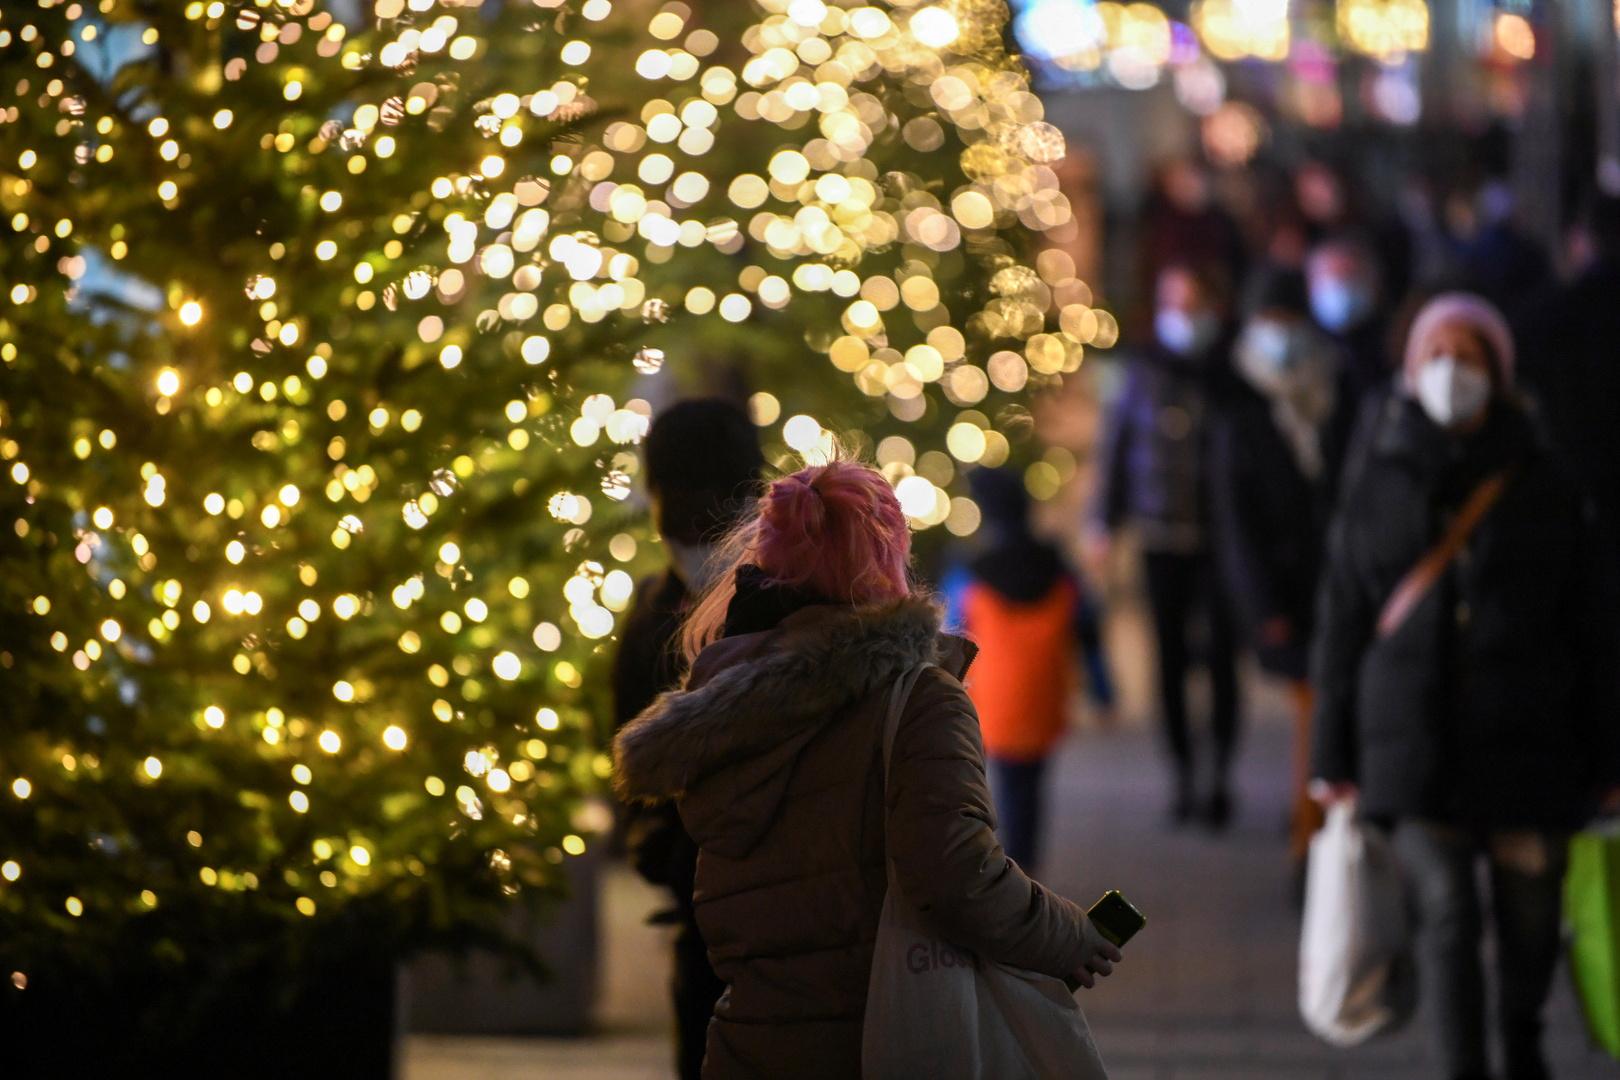 إجراءات الحد من تفشي الوباء  تغير ملامح احتفالات رأس السنة في هذه الدول الأوروبية